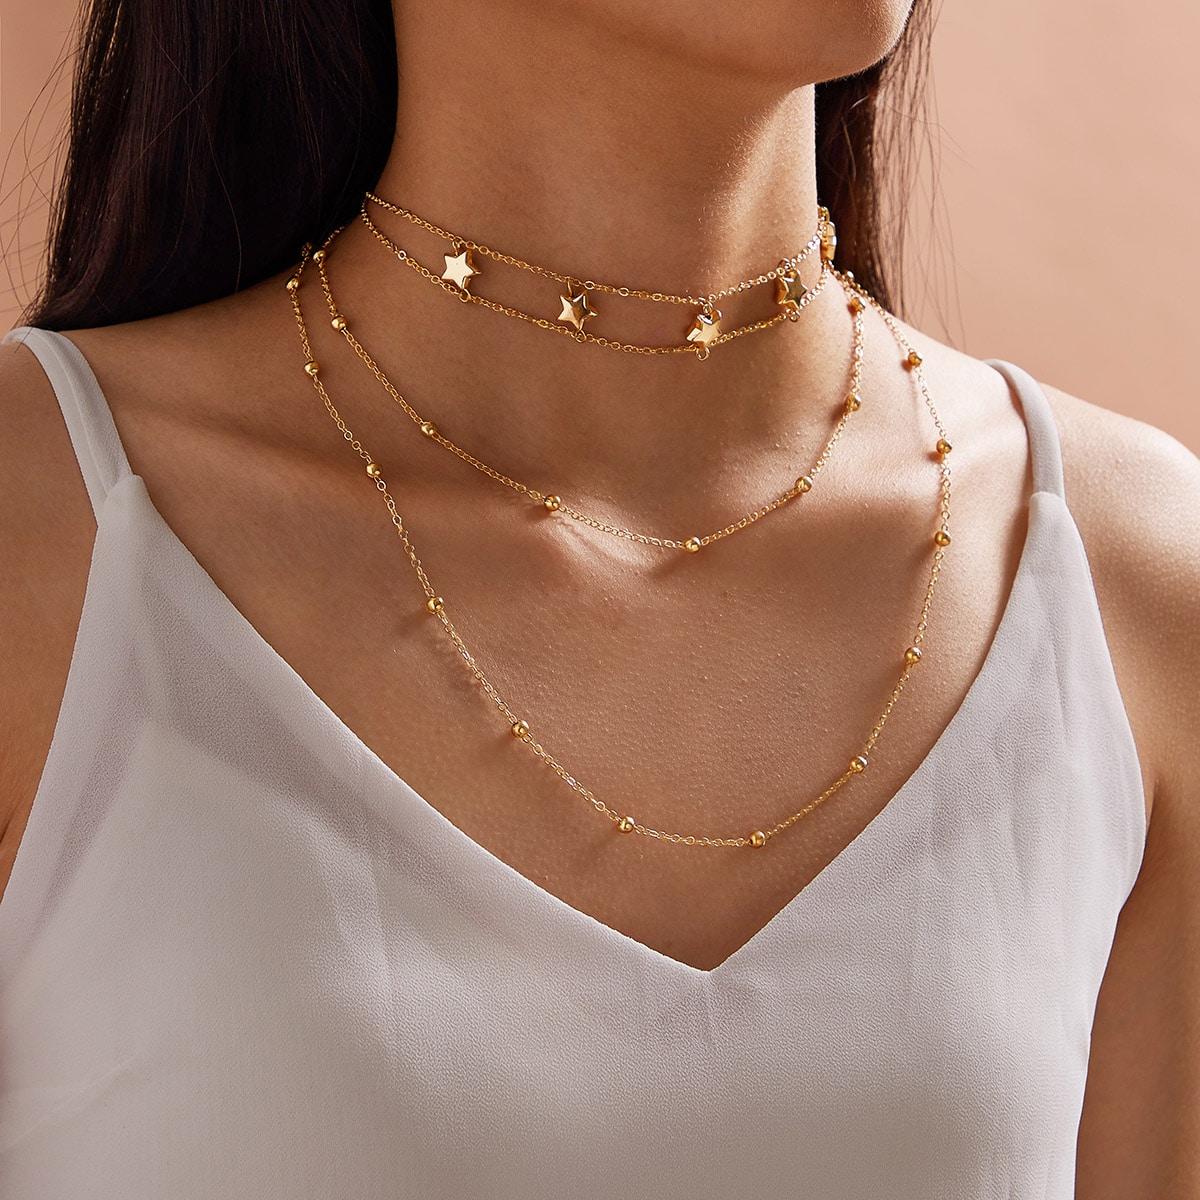 SHEIN / Mehrschichtige Halskette mit Stern & Perlen Anhänger 1 Stück